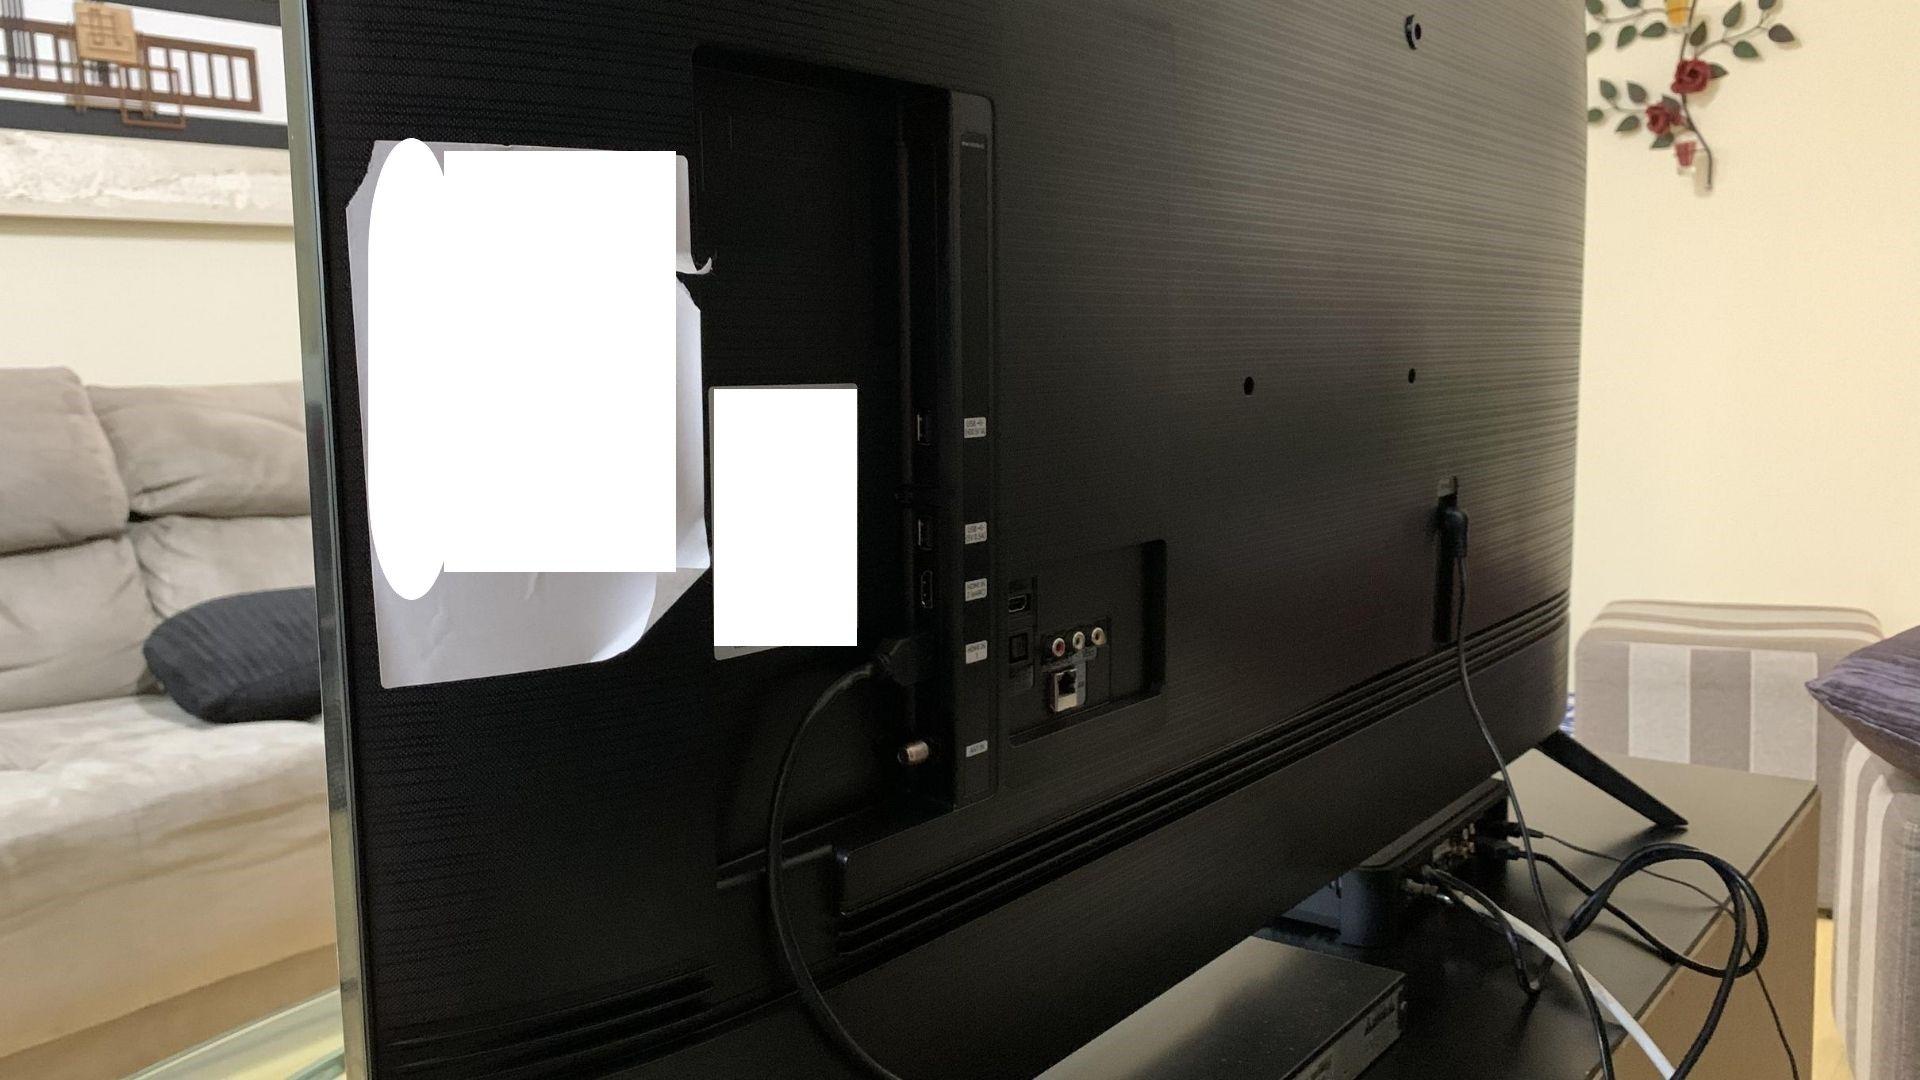 Visual livre de cabos pode ser visto tanto na Samsung TU8000 quanto na Samsung RU7100. (Imagem: Yulli Dias/Zoom)